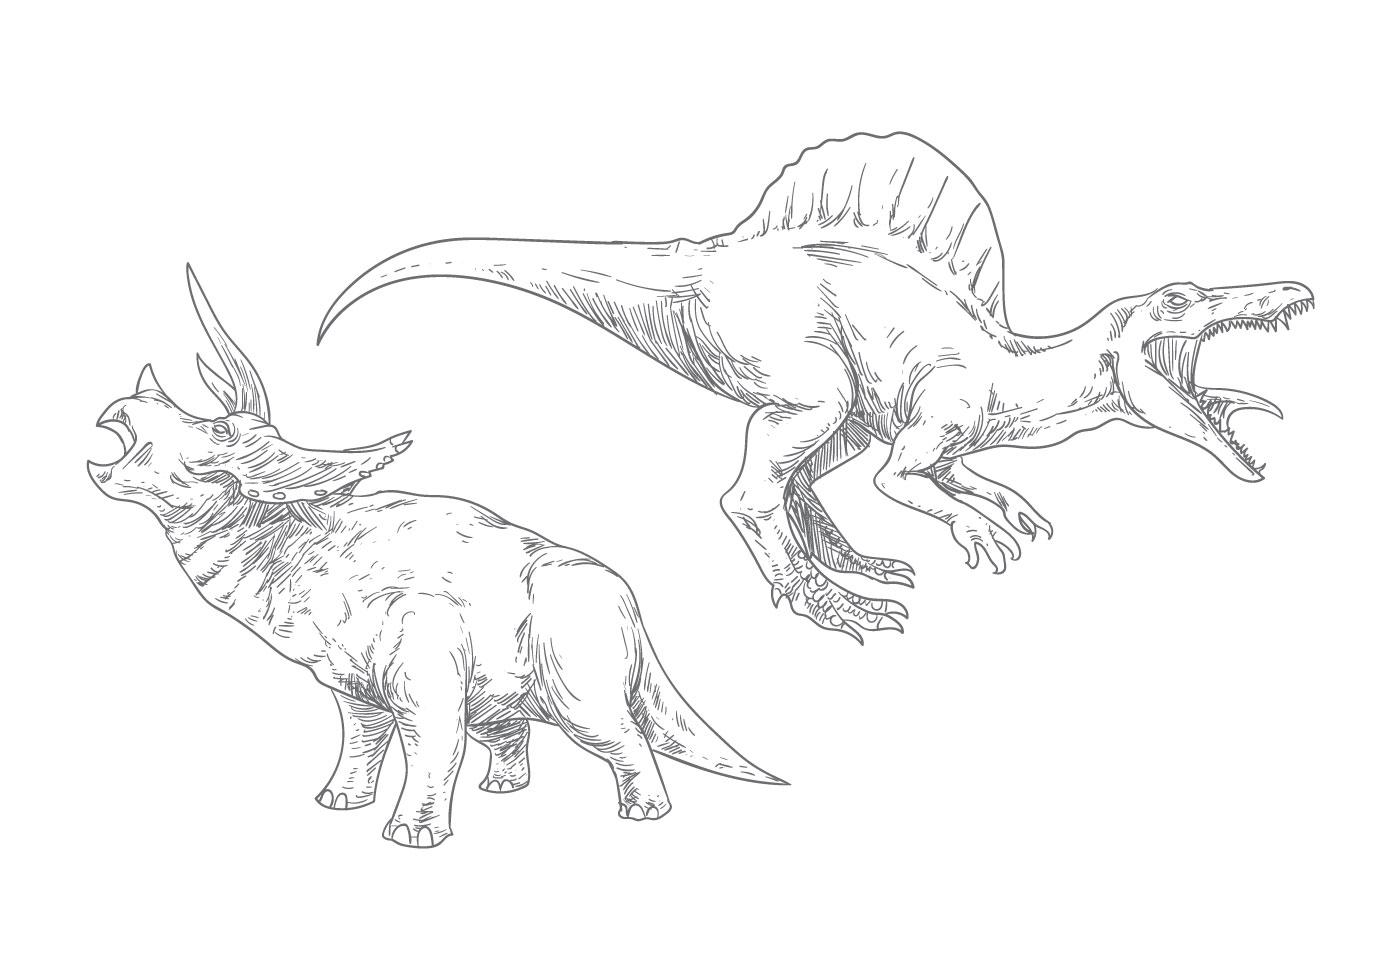 恐龍手繪 免費下載   天天瘋後製